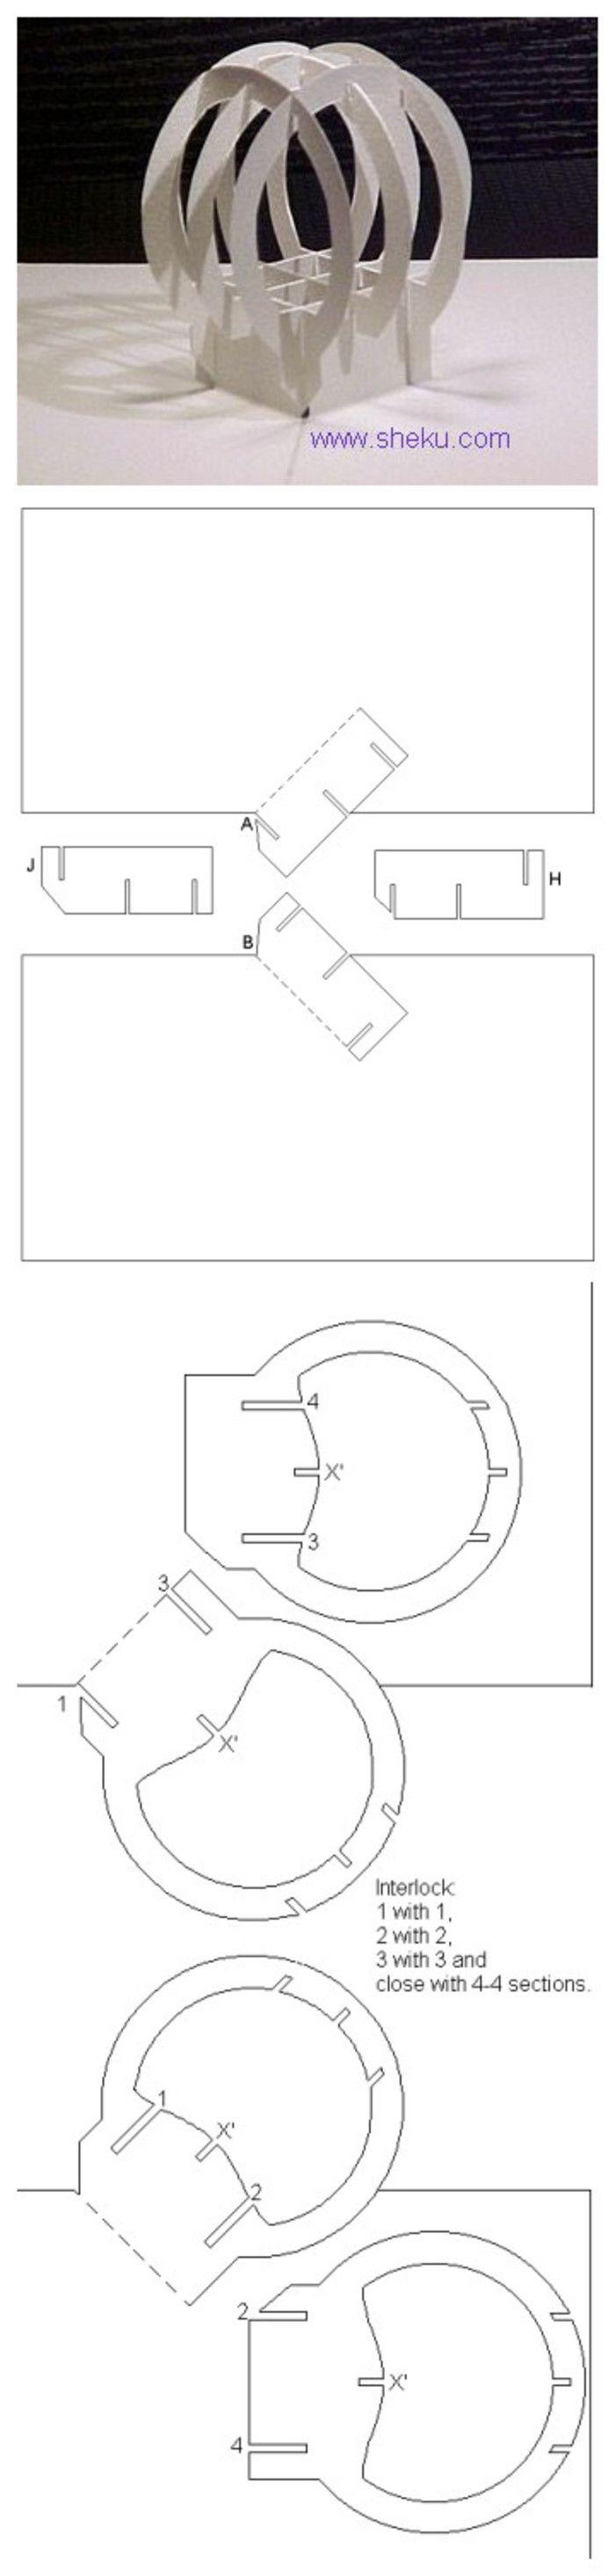 20120619101402_YwECP.thumb.700_0.jpeg (700×2930)